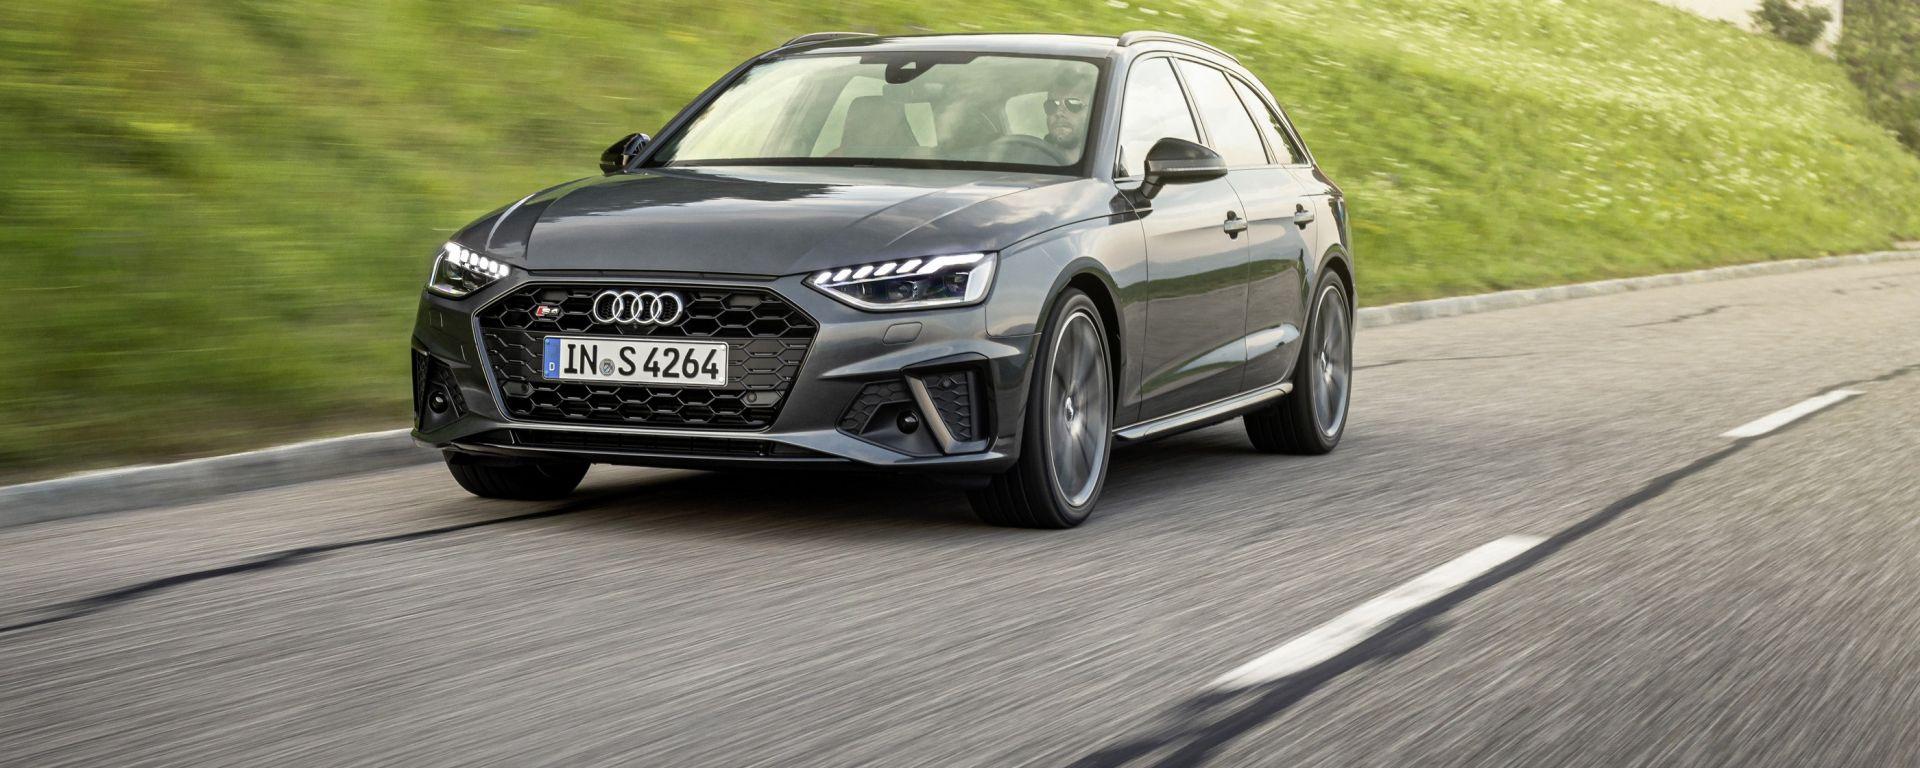 Audi A4 2020: come cambia e come va dopo il restyling [VIDEO]